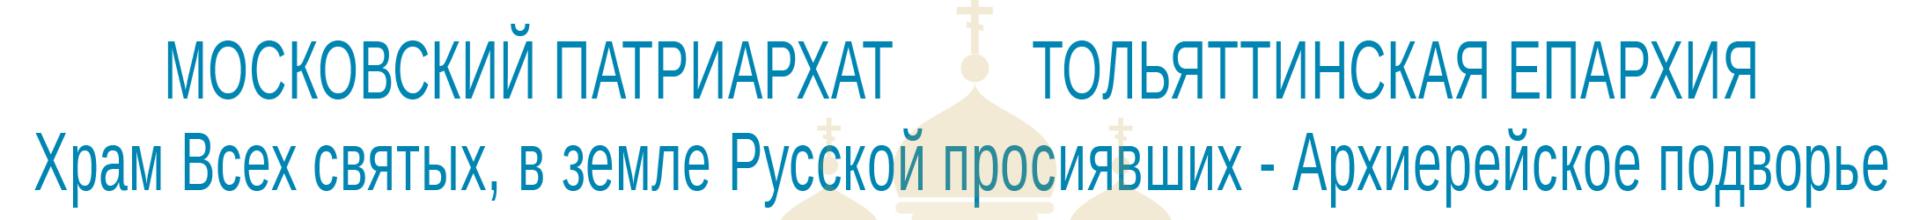 Русская Православная Церковь Тольяттинская епархия Архиерейское подворье Храм Всех святых, в земле Русской просиявших